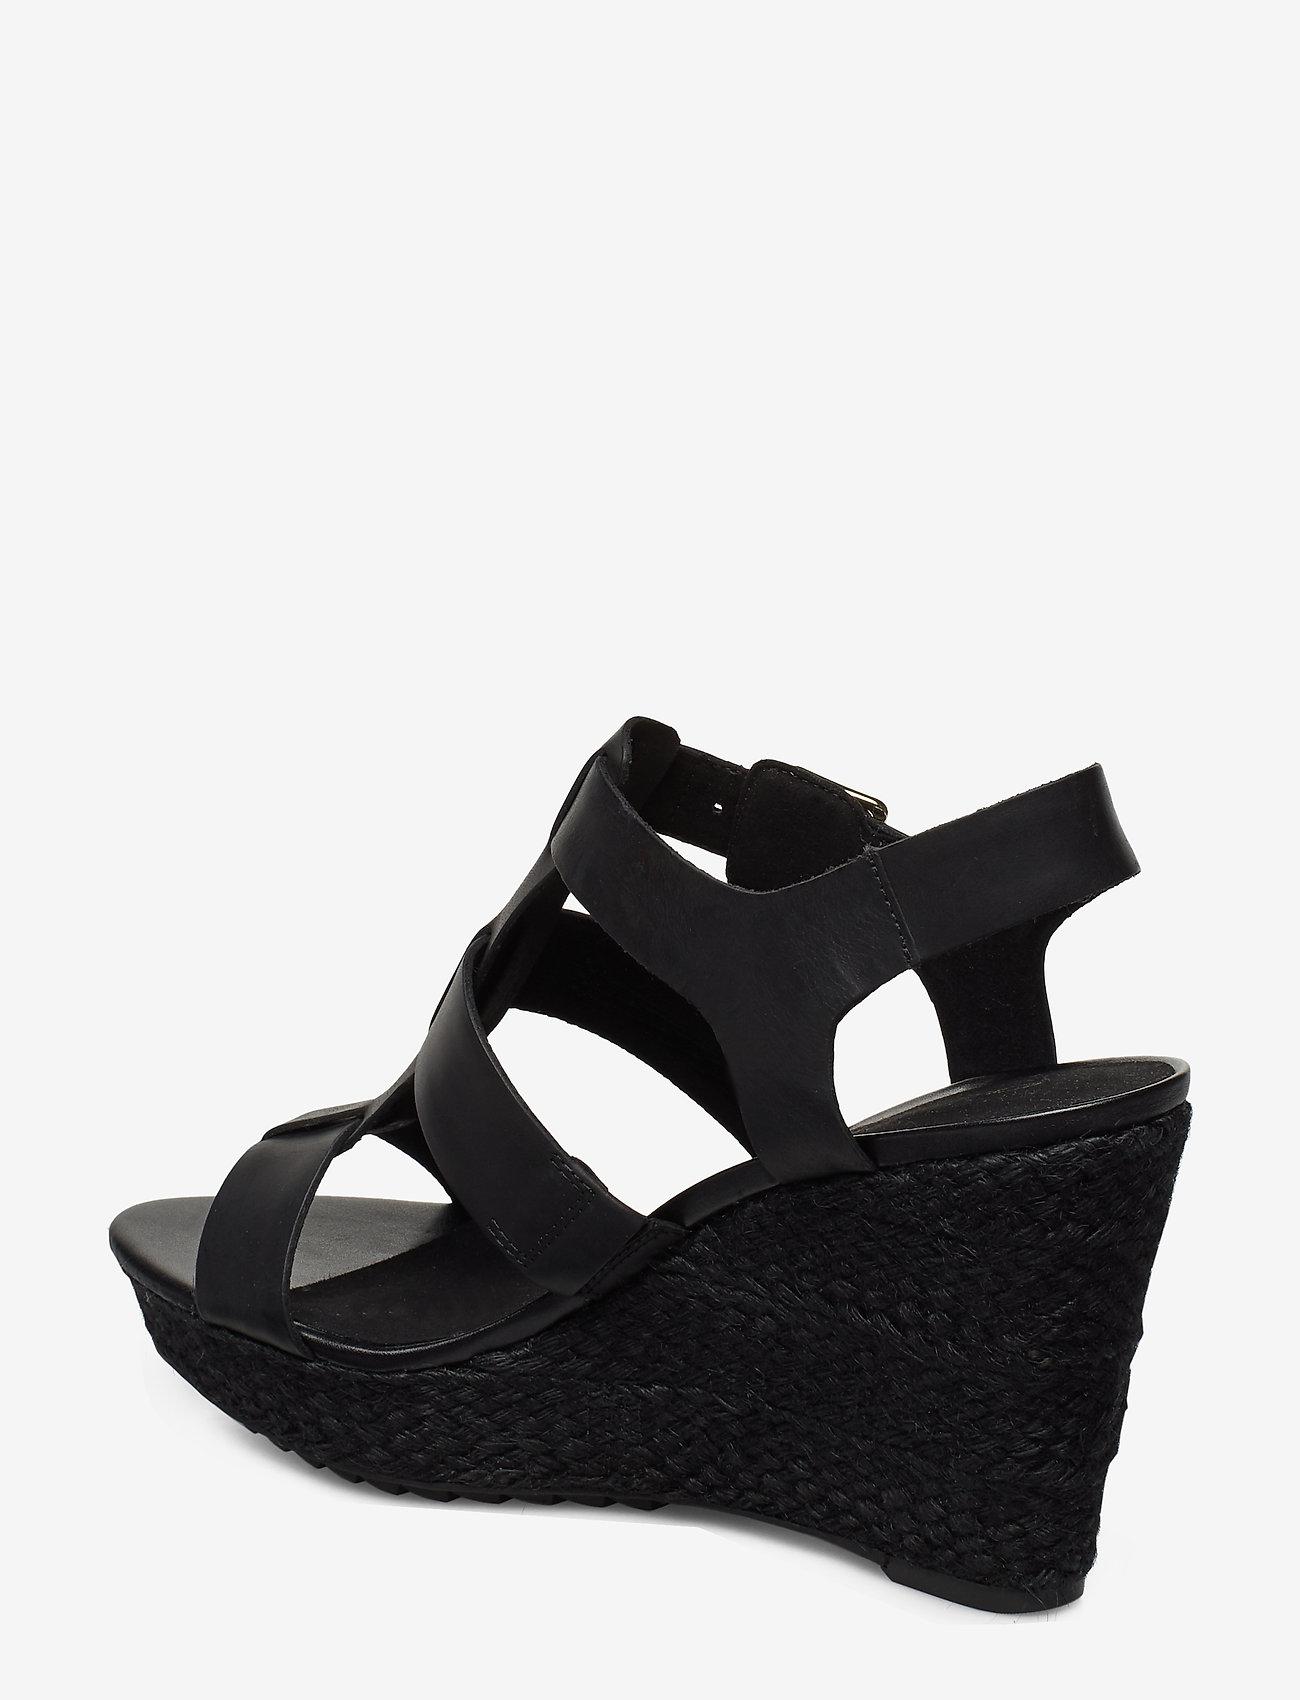 Maritsa95 Glad (Black Leather) - Clarks